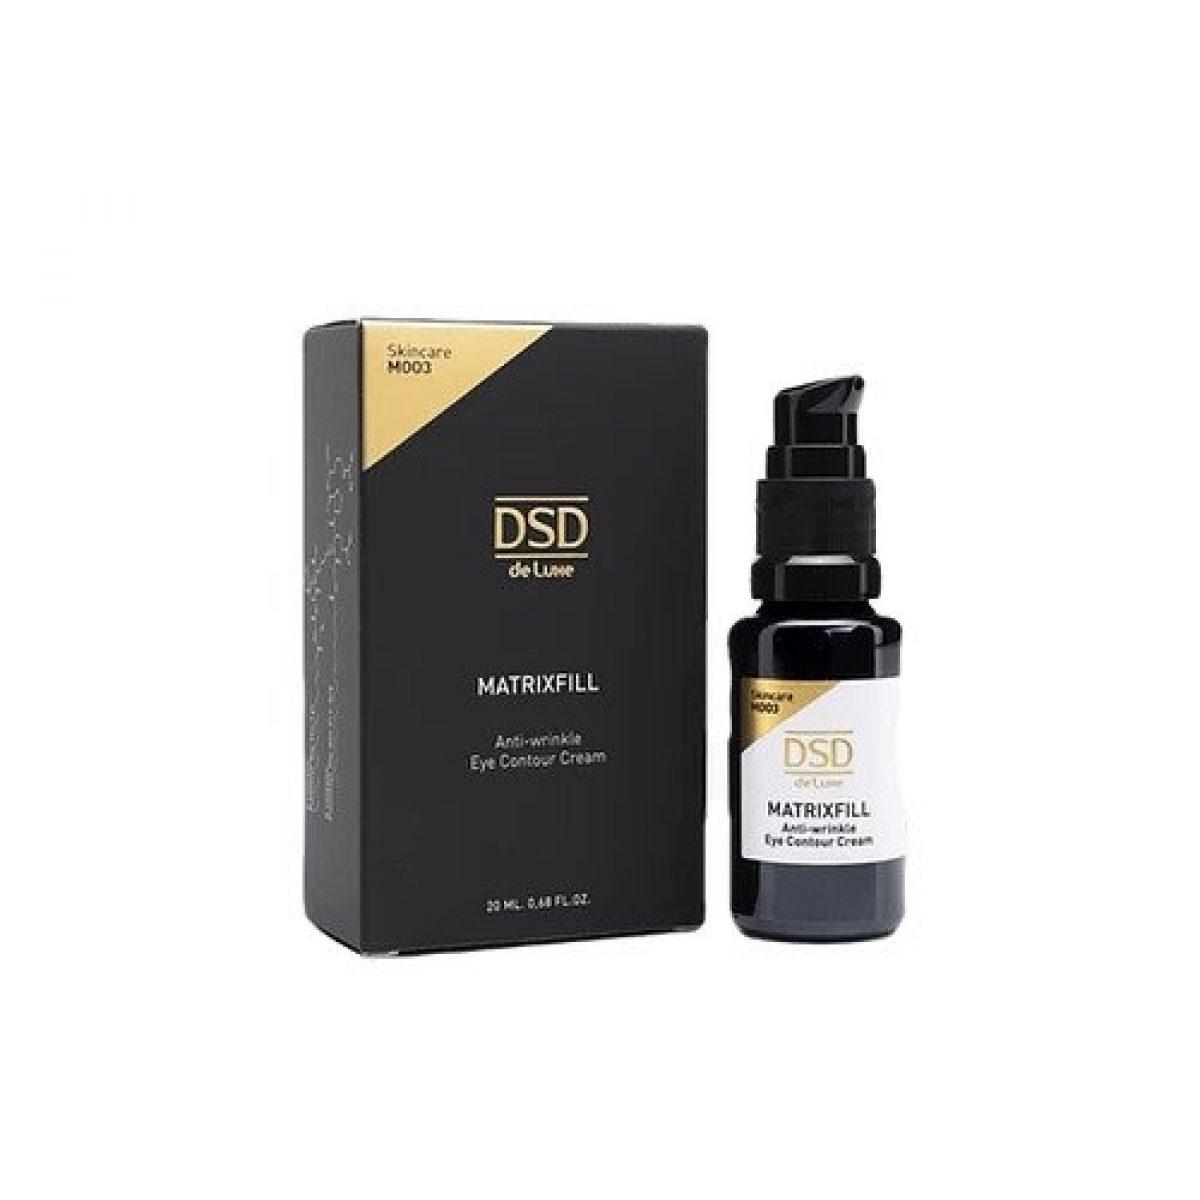 DSD DE LUXE M002 MATRIXFILL Anti-wrinkle Serum